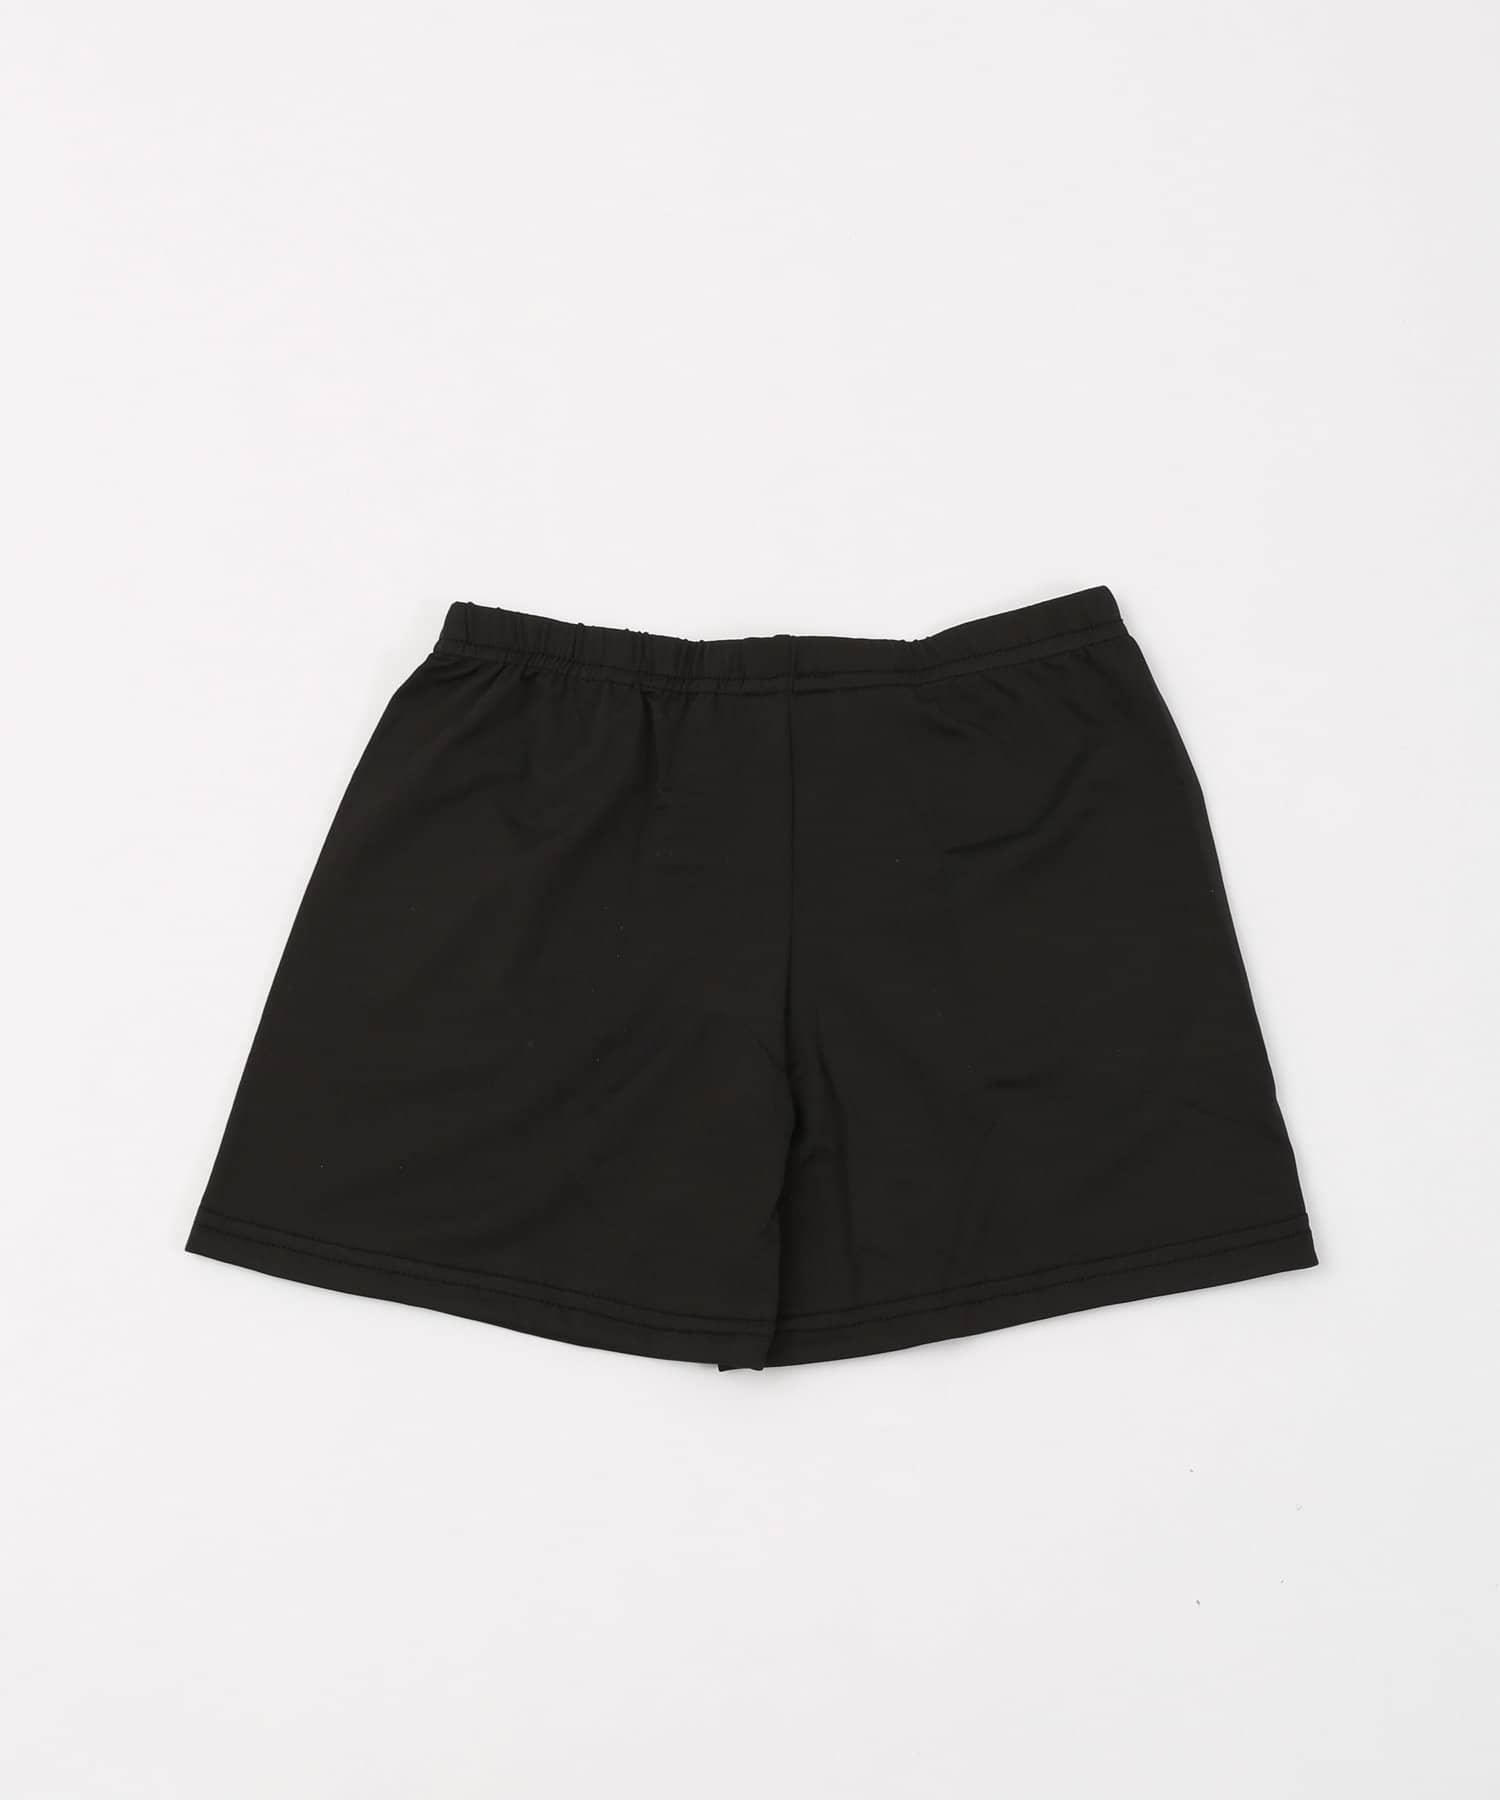 3COINS(スリーコインズ) ライフスタイル 吸水速乾1分丈パンツ【Lサイズ】 ブラック